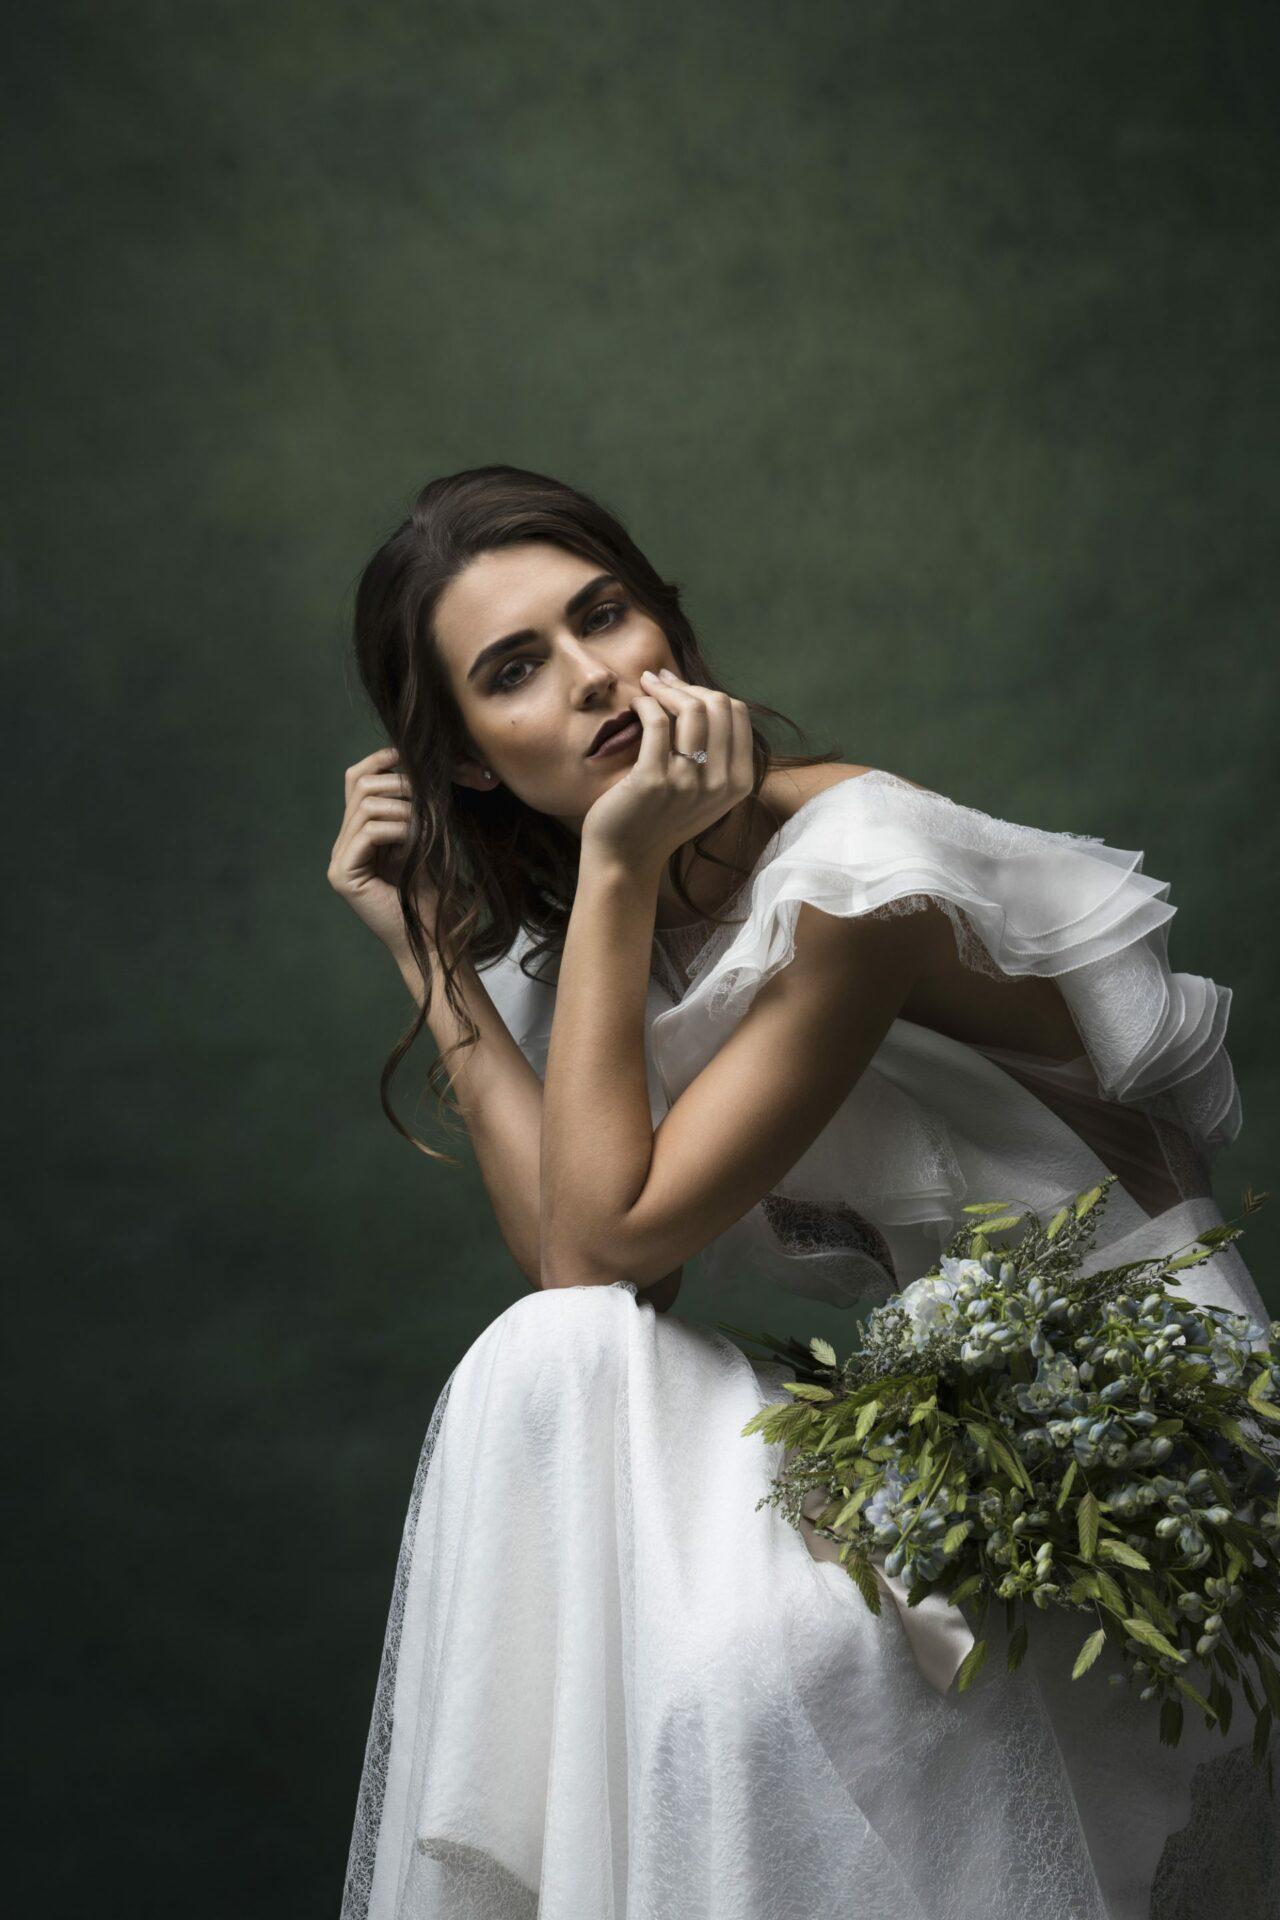 FEMMESMAG JAN 18 WEB 2 - Interview de Floriane - Un dix neuf septembre - Floral Artist - Wedding planner - Organisation de Mariage en France, au Luxembourg, en italie, en provence, à la montagne